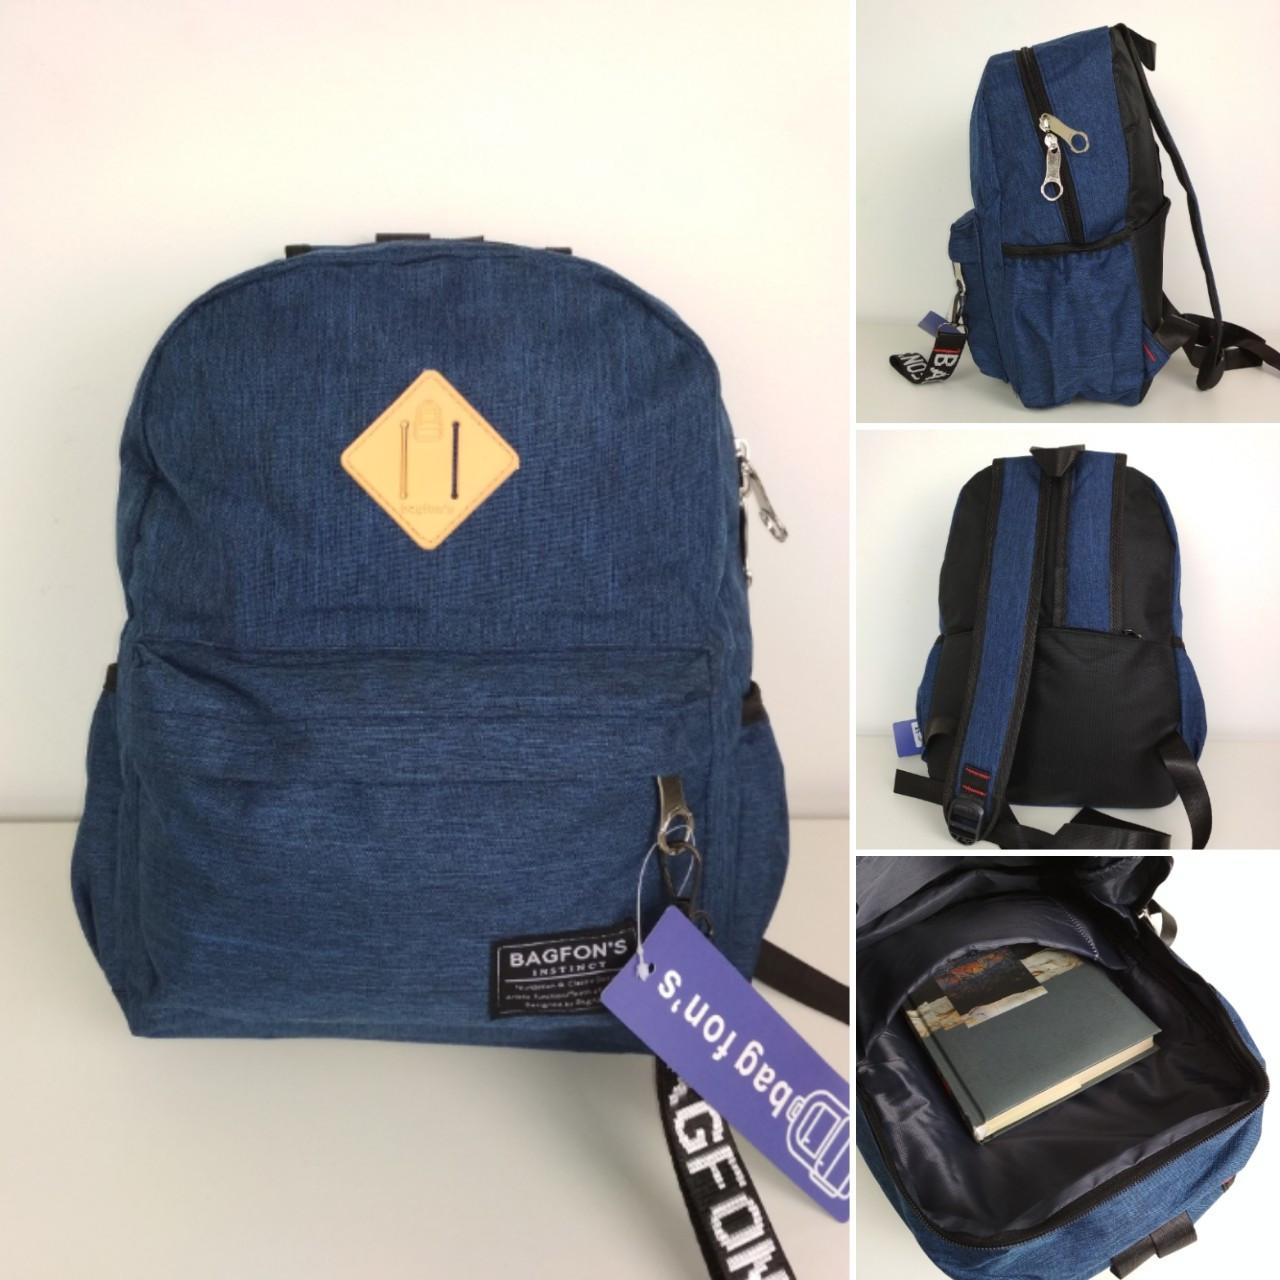 Синий текстильный рюкзак для мальчика 36*28*20 см